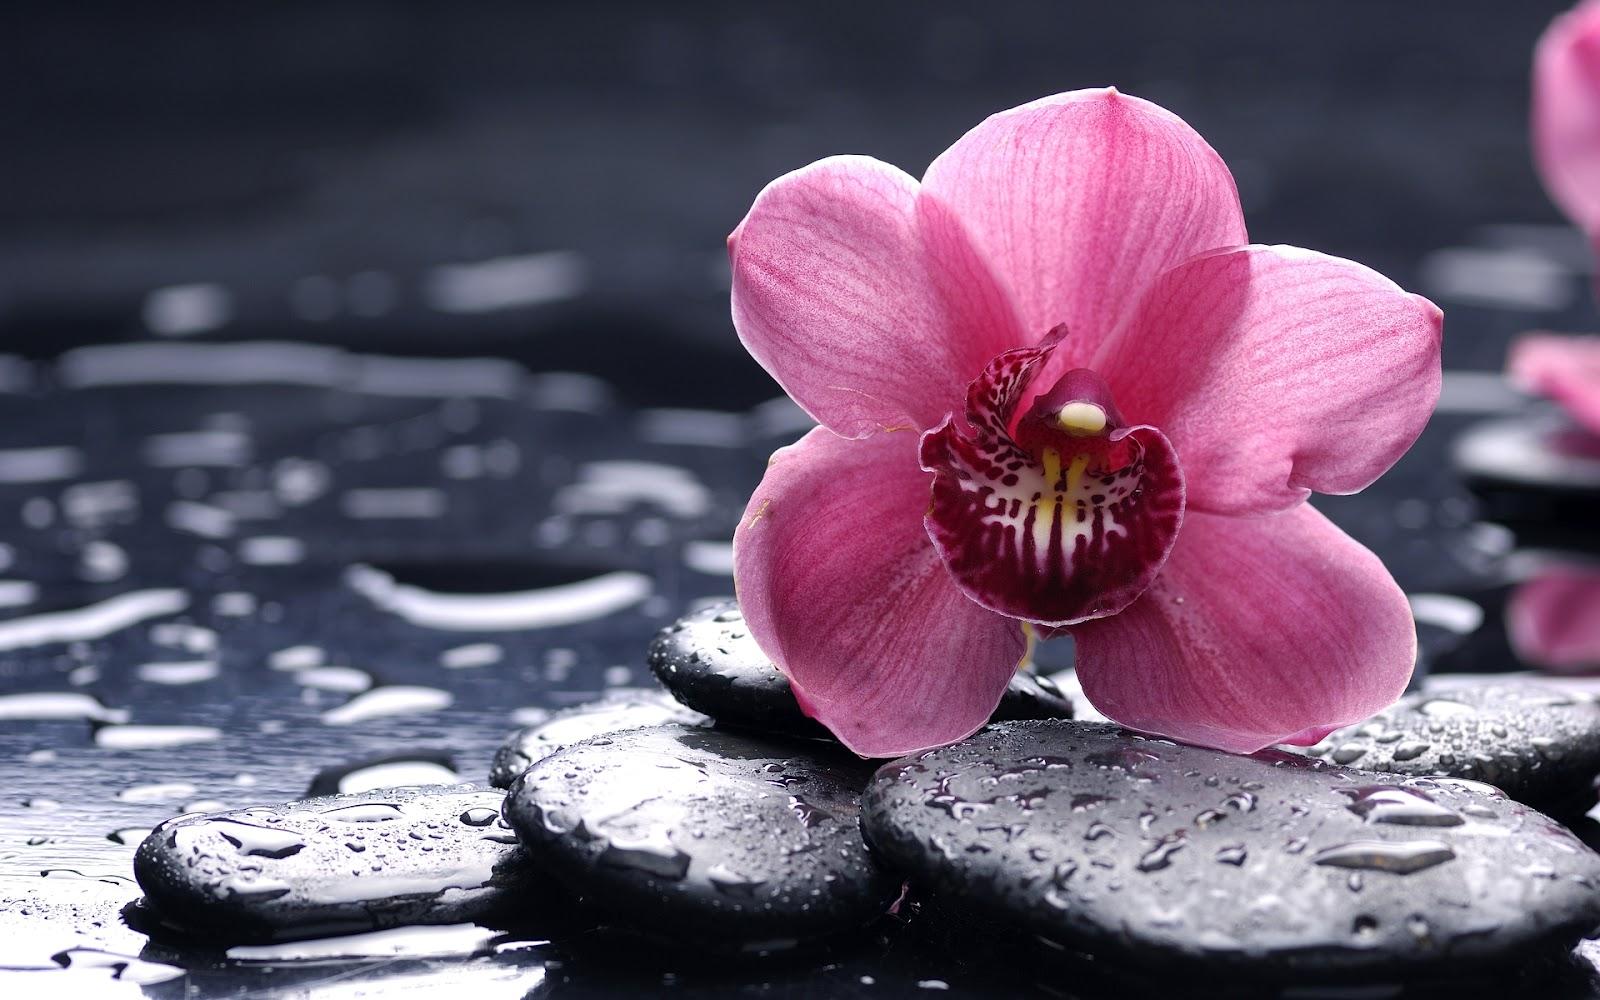 10 hermosas fotos de flores im genes de flores en hd - Fotos flores bellas ...